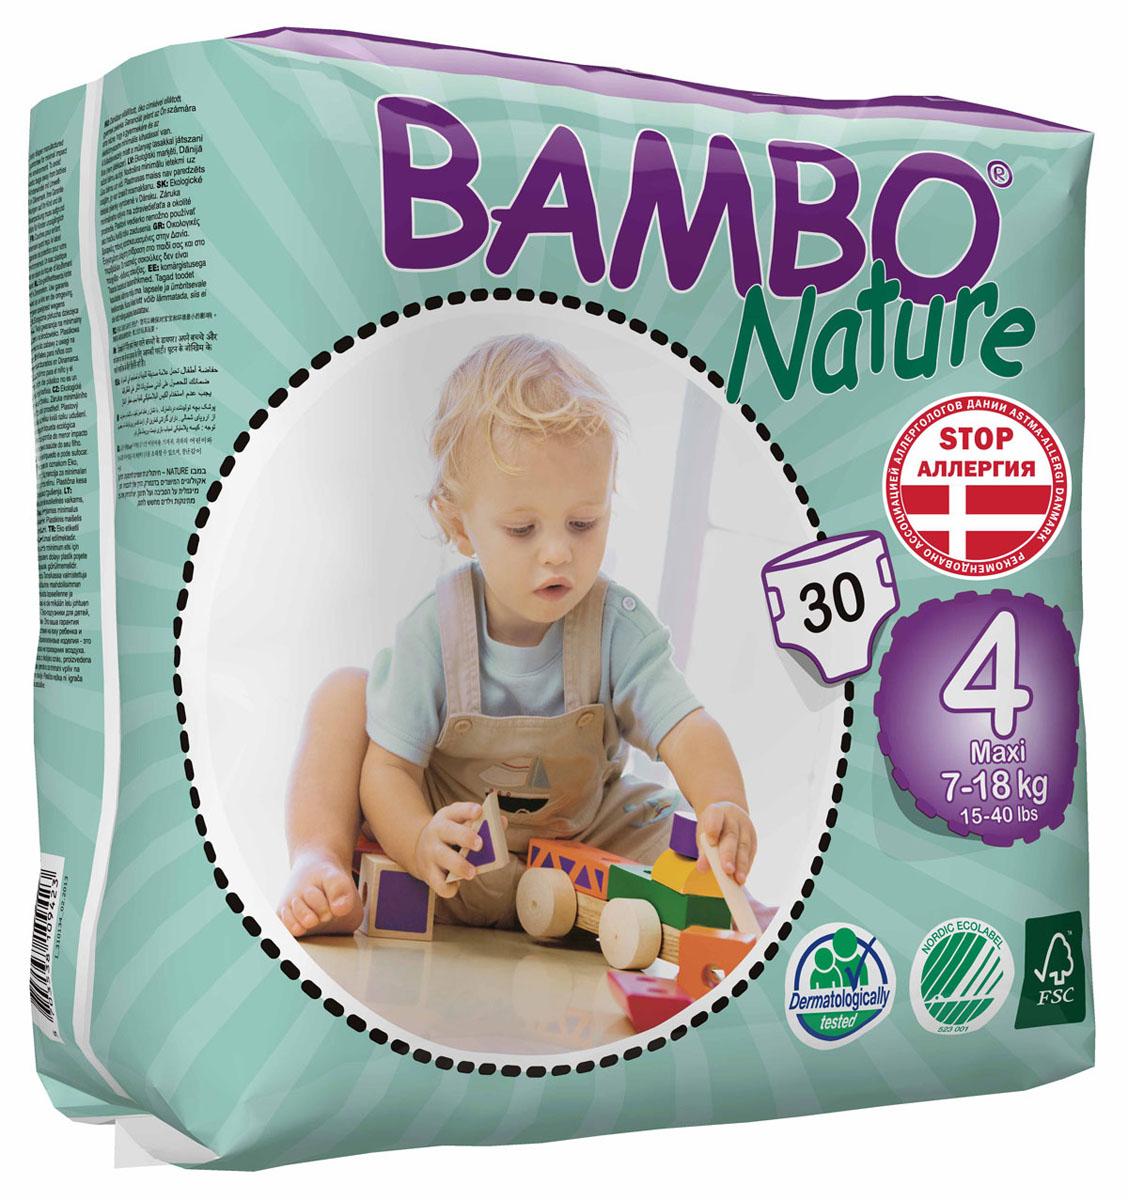 """Мягкая тканевидная задняя часть и внутренний слой подгузников """"Bambo Nature"""", делают подгузники исключительно нежными для кожи малыша. Тоньше обычных, а воздухопроницаемый слой позволяет коже дышать, исключая """"парниковый эффект"""". Супер-слой распущенная целлюлоза и сверх-сухая система, обеспечивает быстрое впитывание и оставляющая поверхность сухой. Поэтому для вас и вашего малыша каждое утро будет """"добрым"""". Вес ребенка от 7 до 18 кг. Продукция """"Bambo Nature"""" прошла дерматологическое тестирование. Гипоаллергены."""